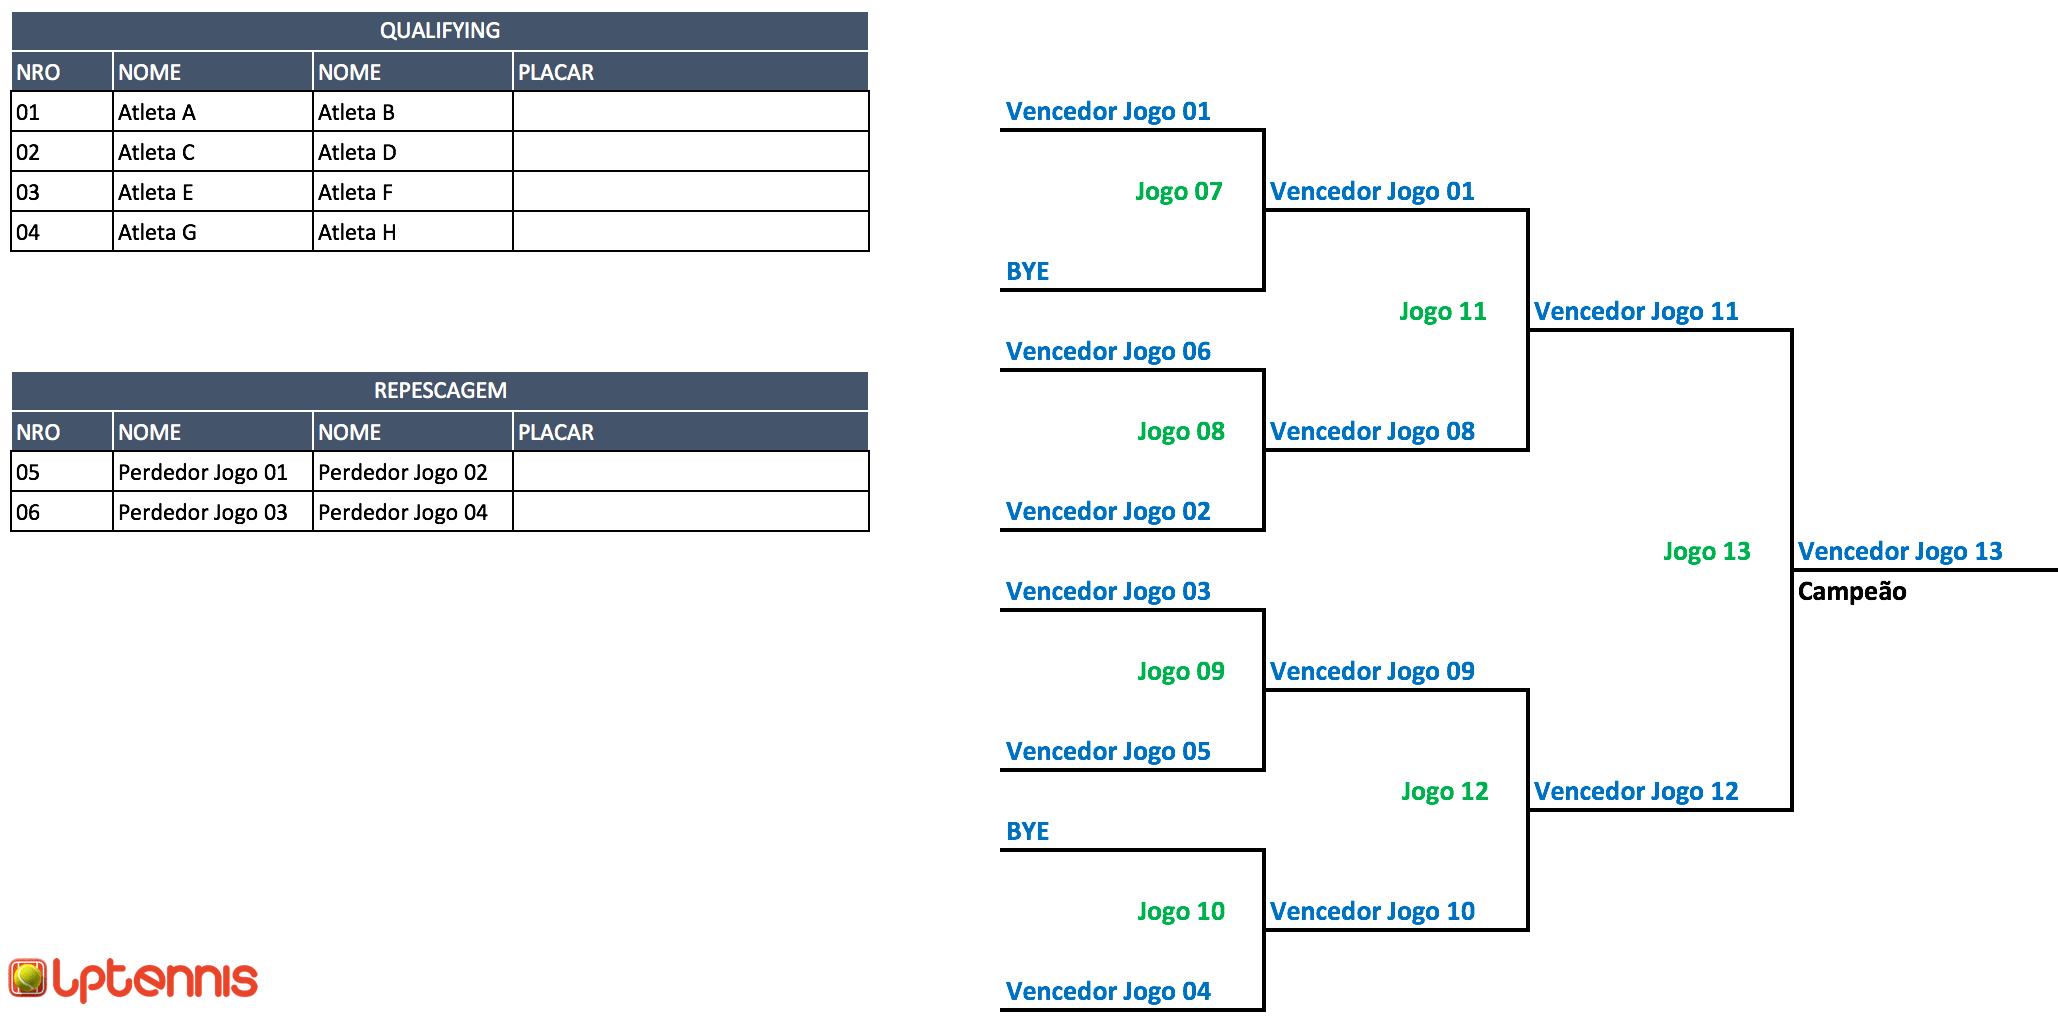 Estrutura de torneios com repescagem